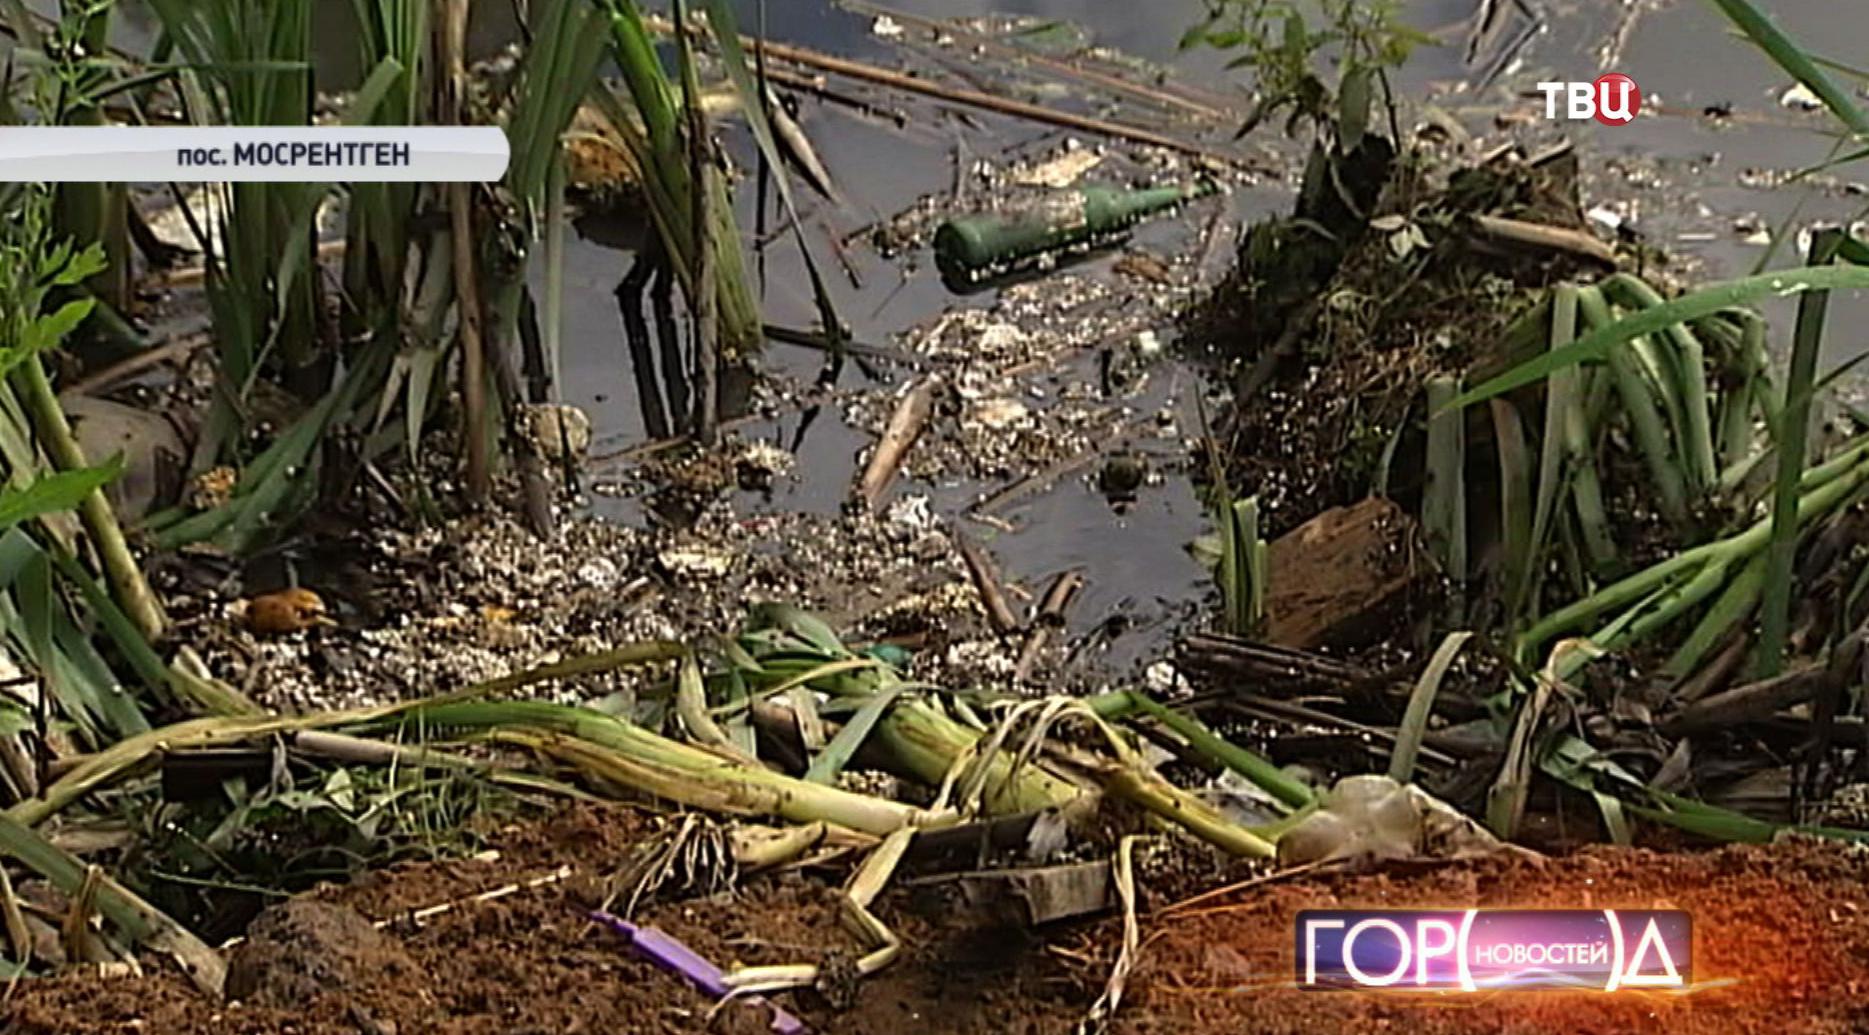 Загрязненный пруд